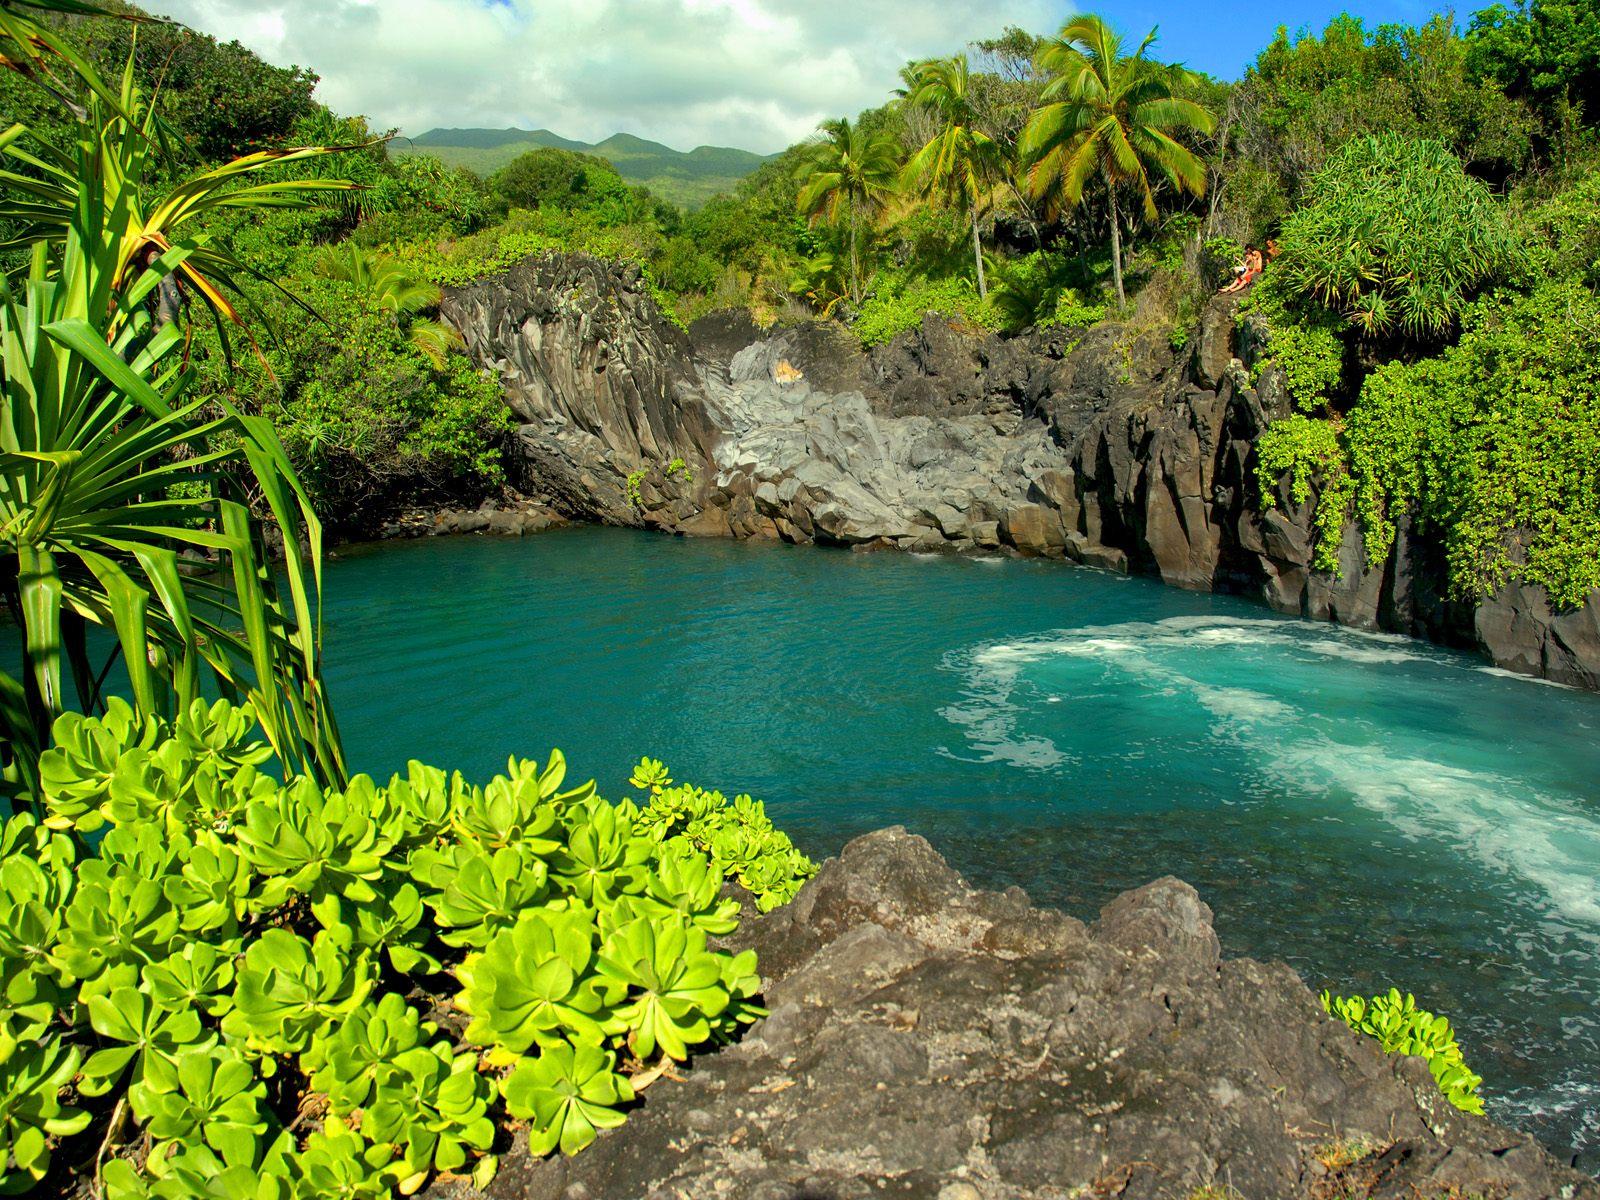 http://2.bp.blogspot.com/-A26chyUJGHI/TeZdiiEkVTI/AAAAAAAAAl8/gjPidGdnBvI/s1600/Venice_Falls_Maui_Hawaii.jpg